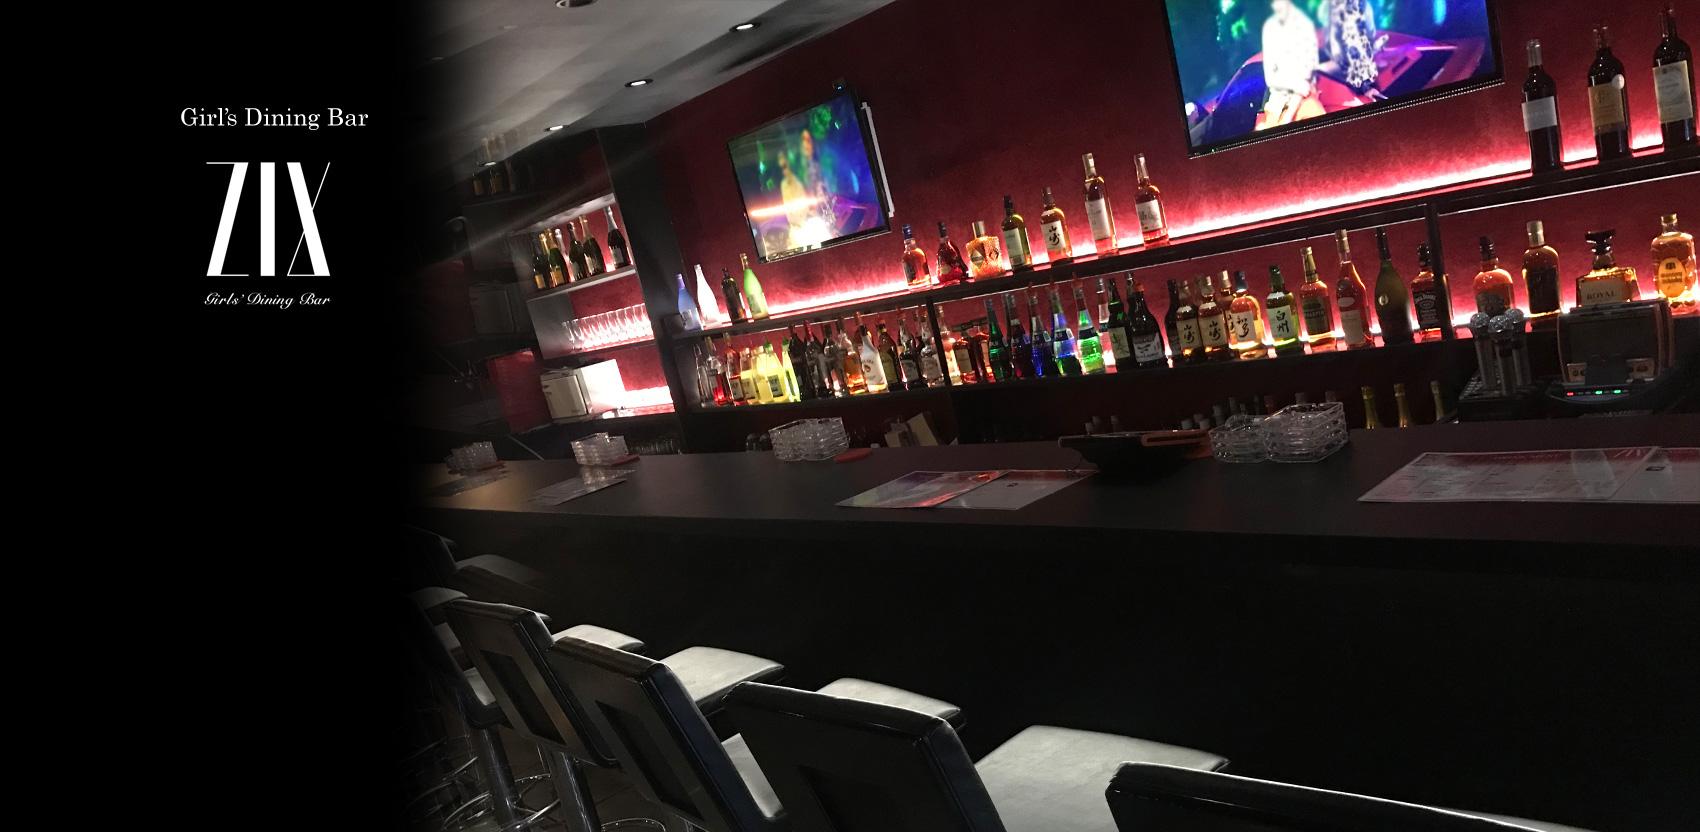 [長尾]Girl's Dining Bar Z/X (ガールズダイニングバー・ゼクス)